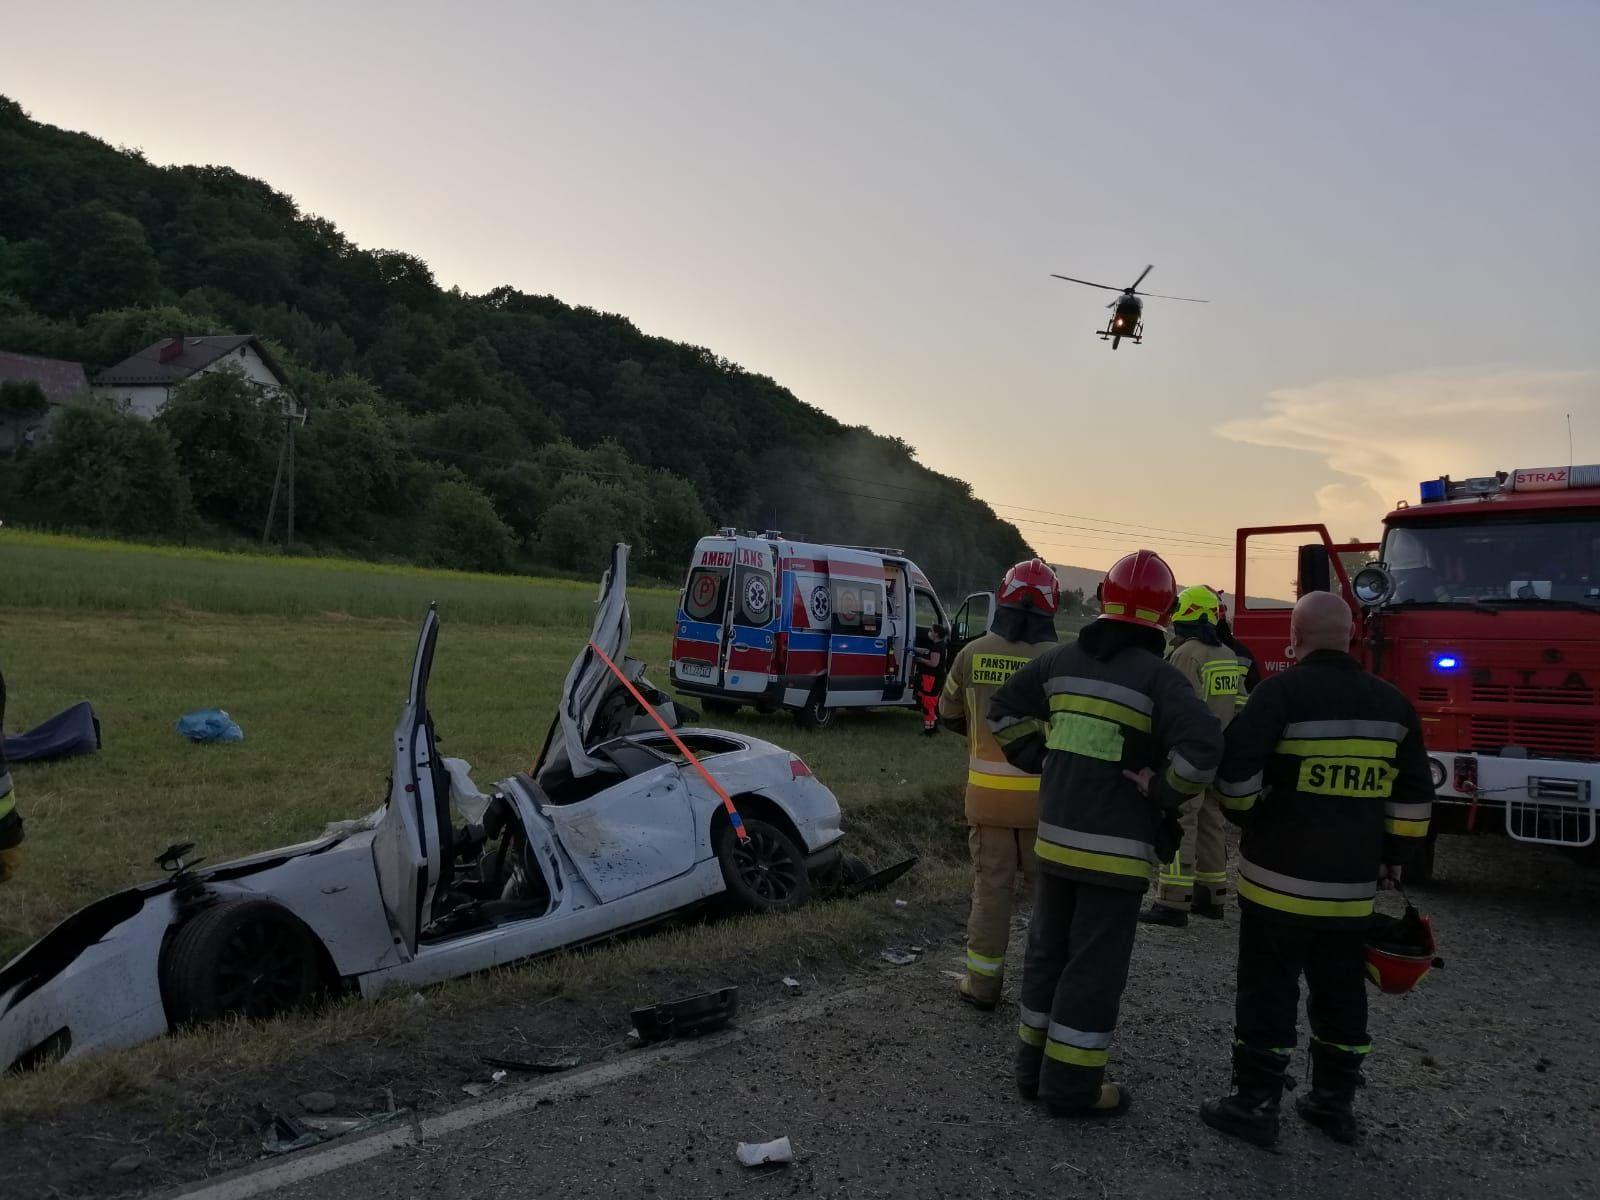 Pod Tarnowem samochód zaklinował się w rowie [ZDJĘCIA] - Zdjęcie główne